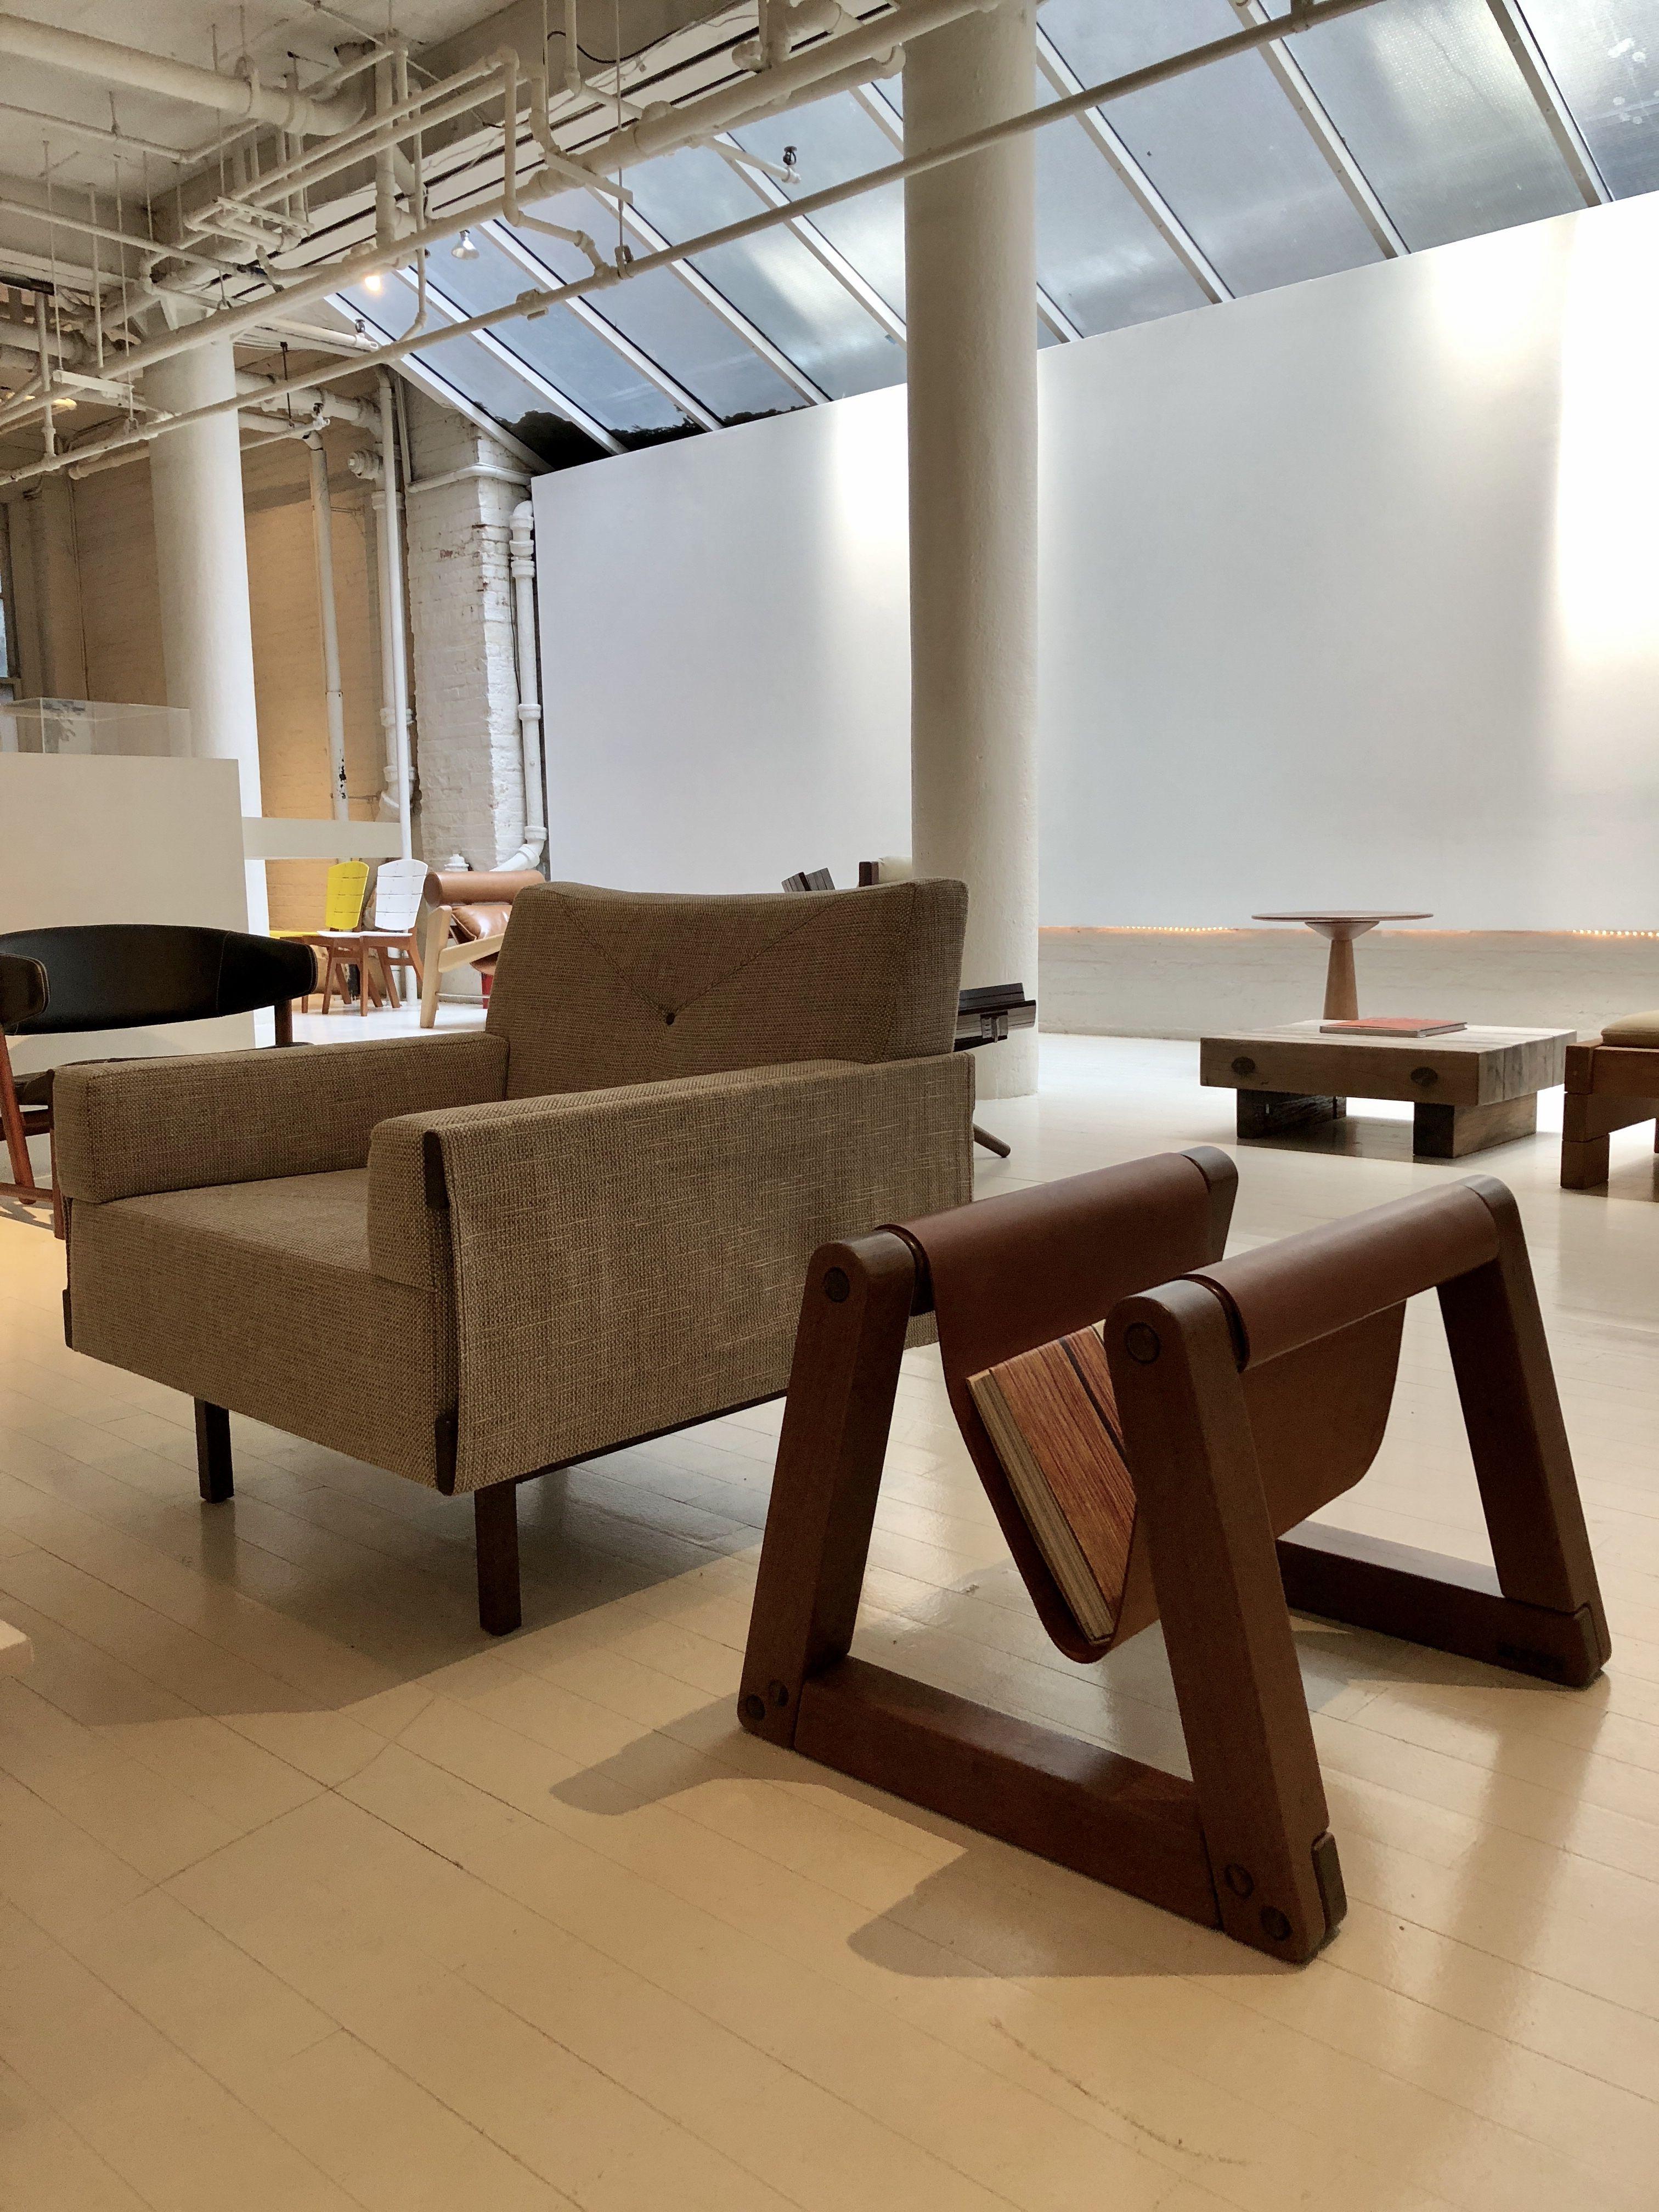 Ipe Magazine Holder By Zanini De Zanine Available At Espasso Contemporary Brazilian Design Magazine Holders Home Decor Wood Columns